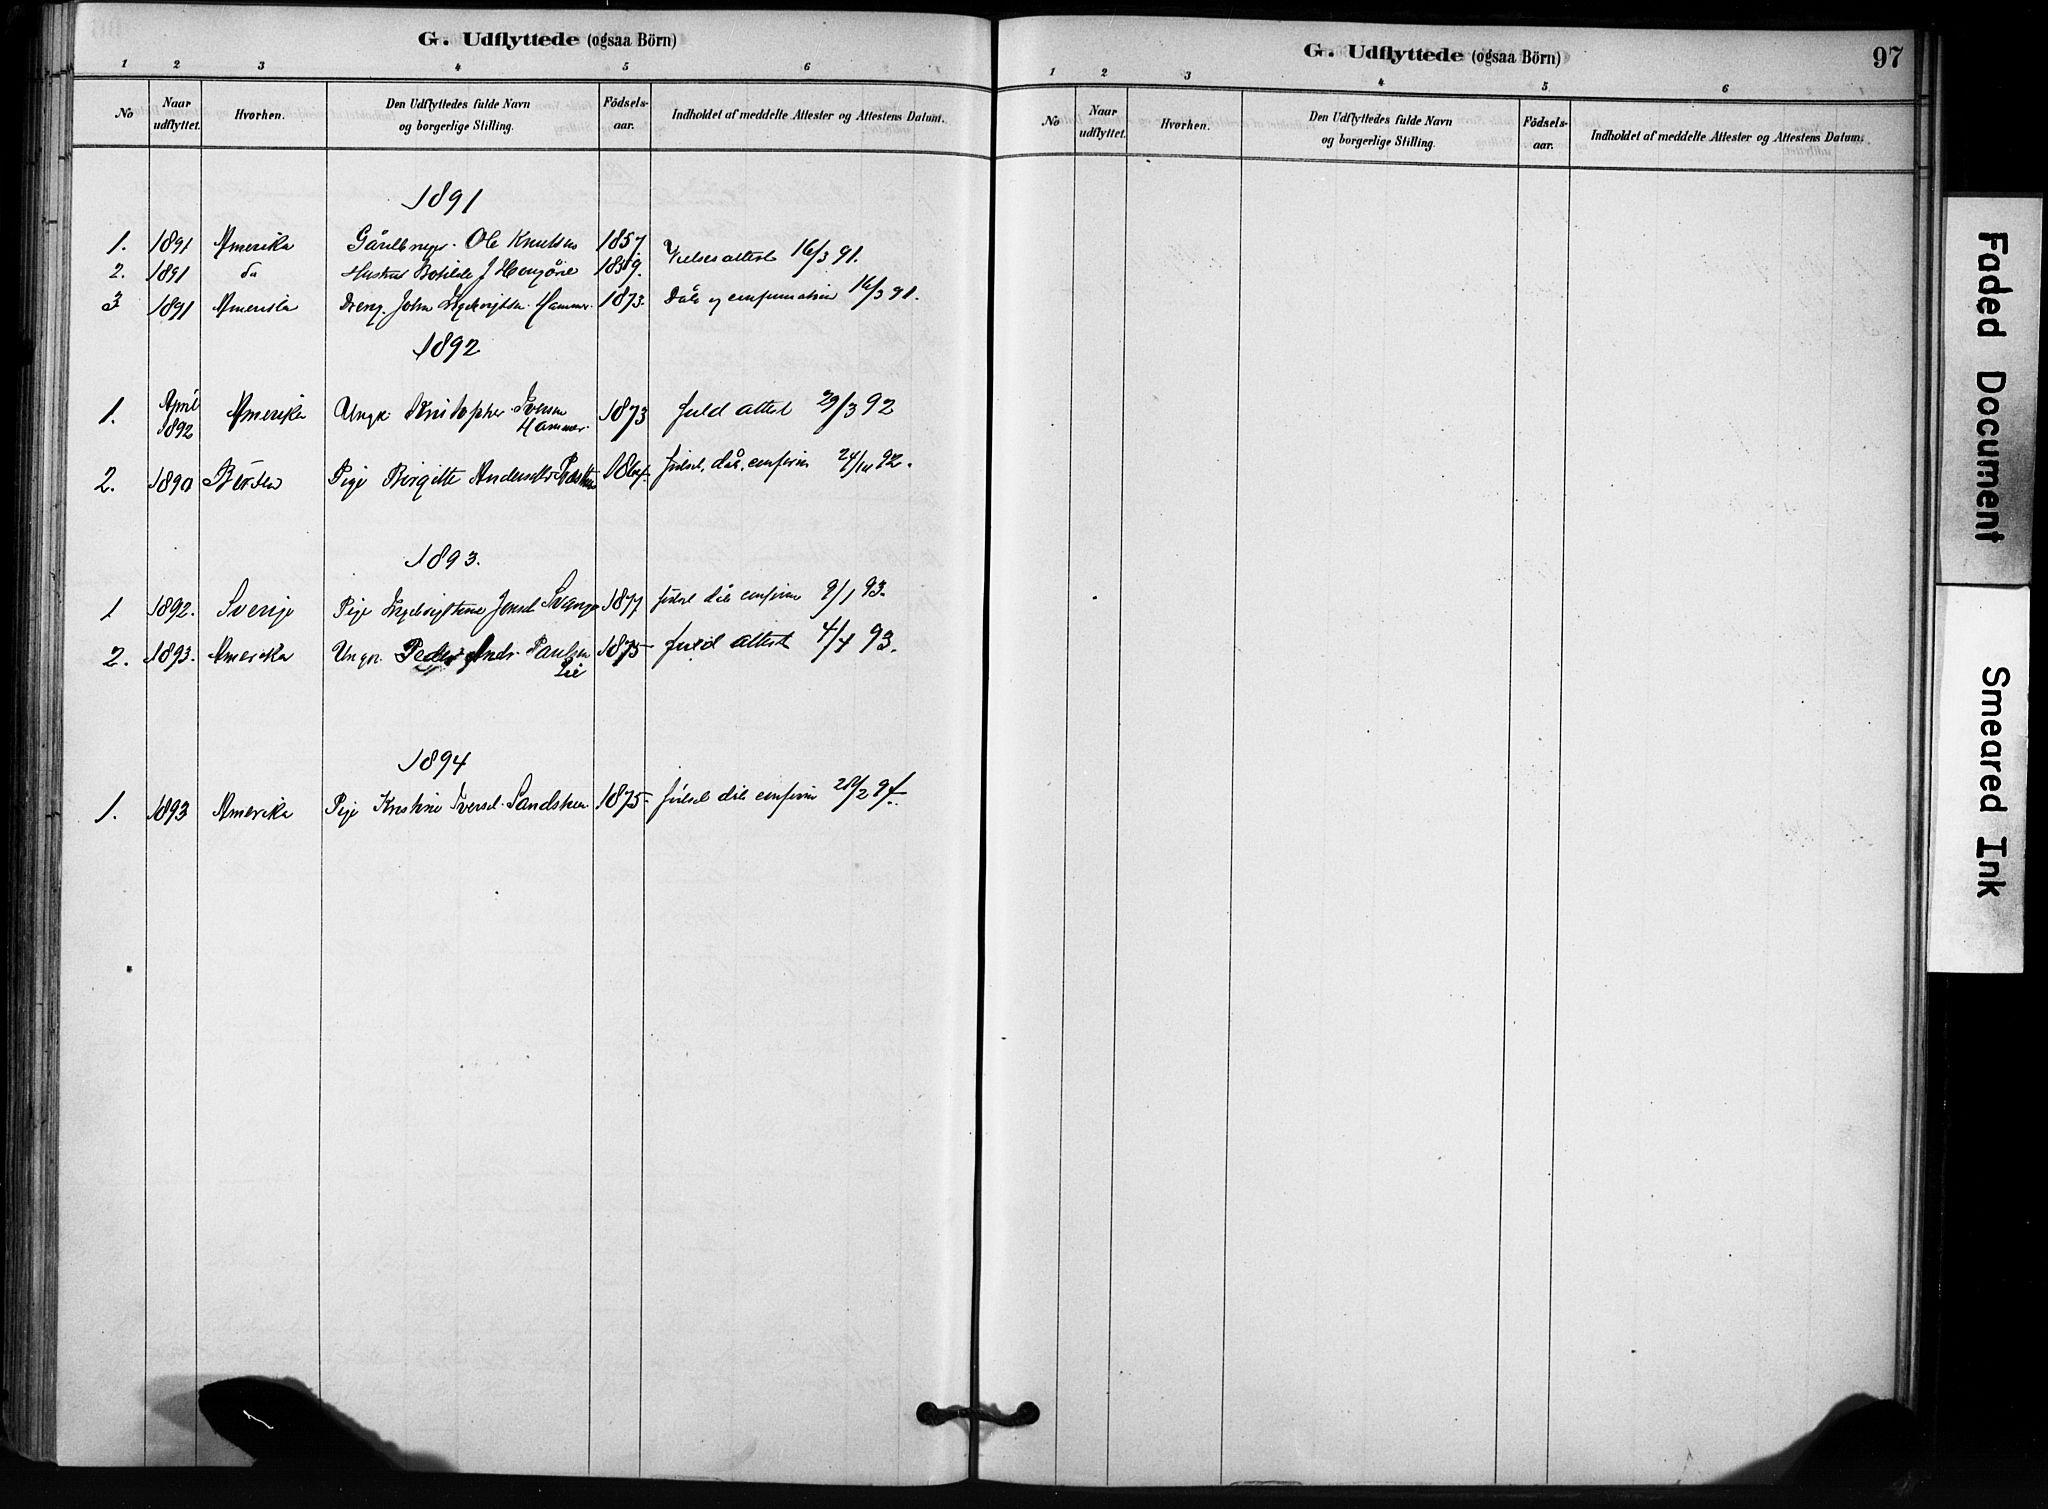 SAT, Ministerialprotokoller, klokkerbøker og fødselsregistre - Sør-Trøndelag, 666/L0786: Ministerialbok nr. 666A04, 1878-1895, s. 97